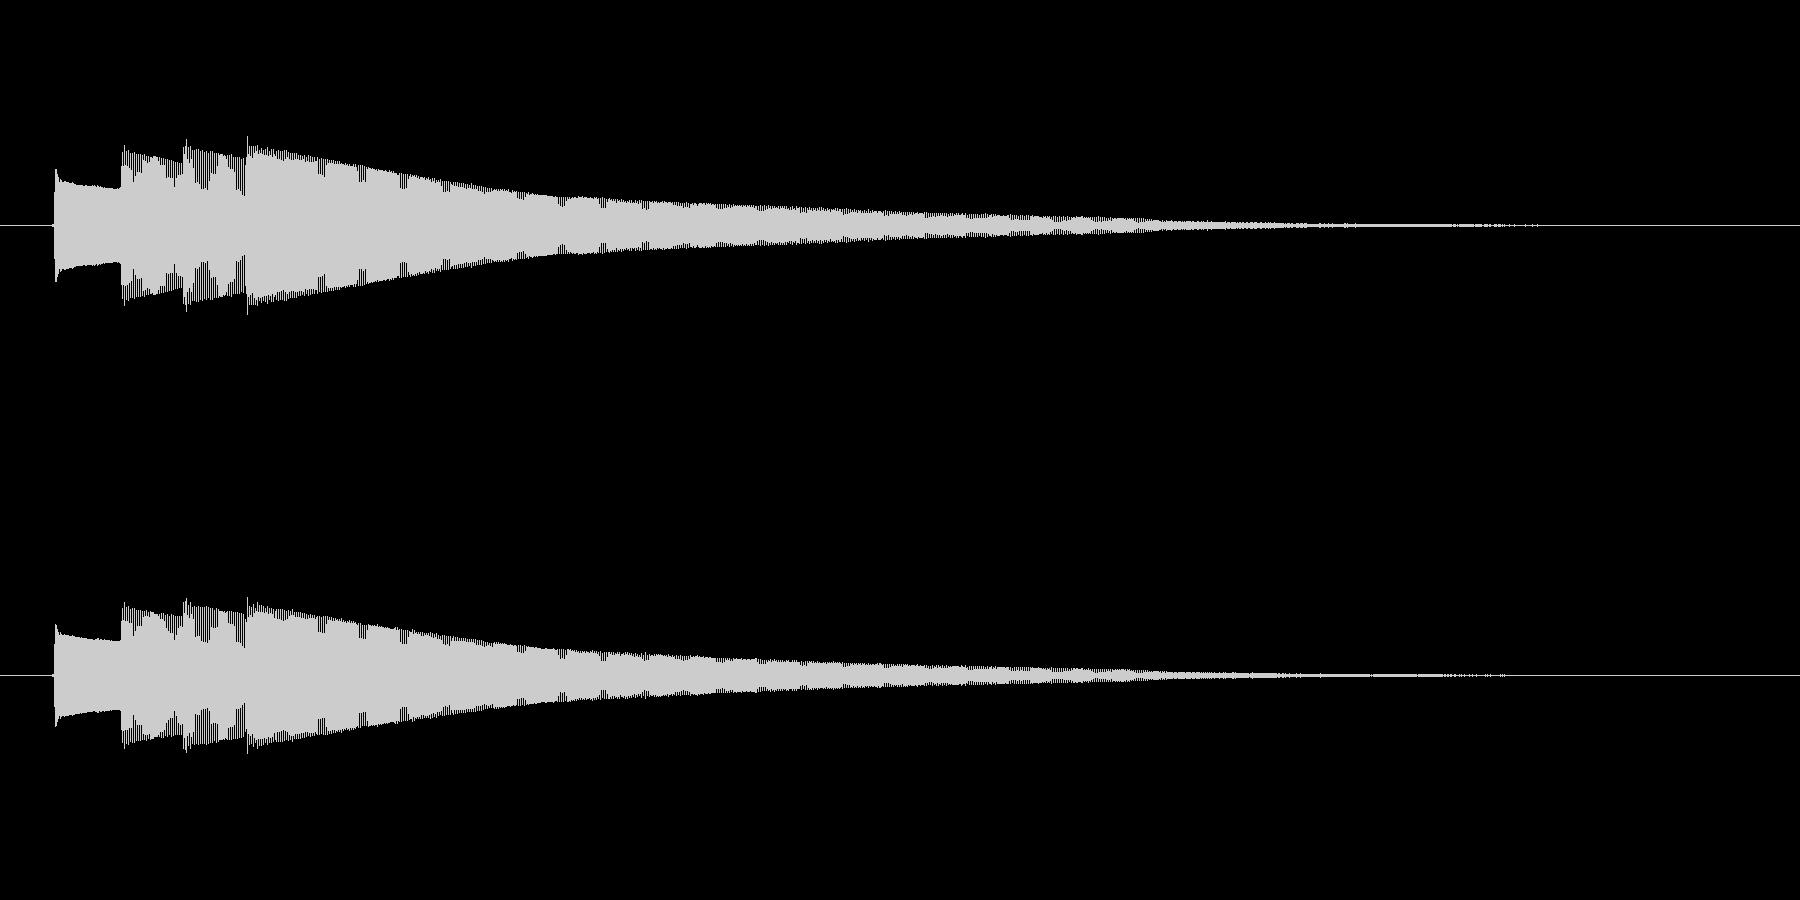 終わりピンポンパンポン (ゆっくり)の未再生の波形